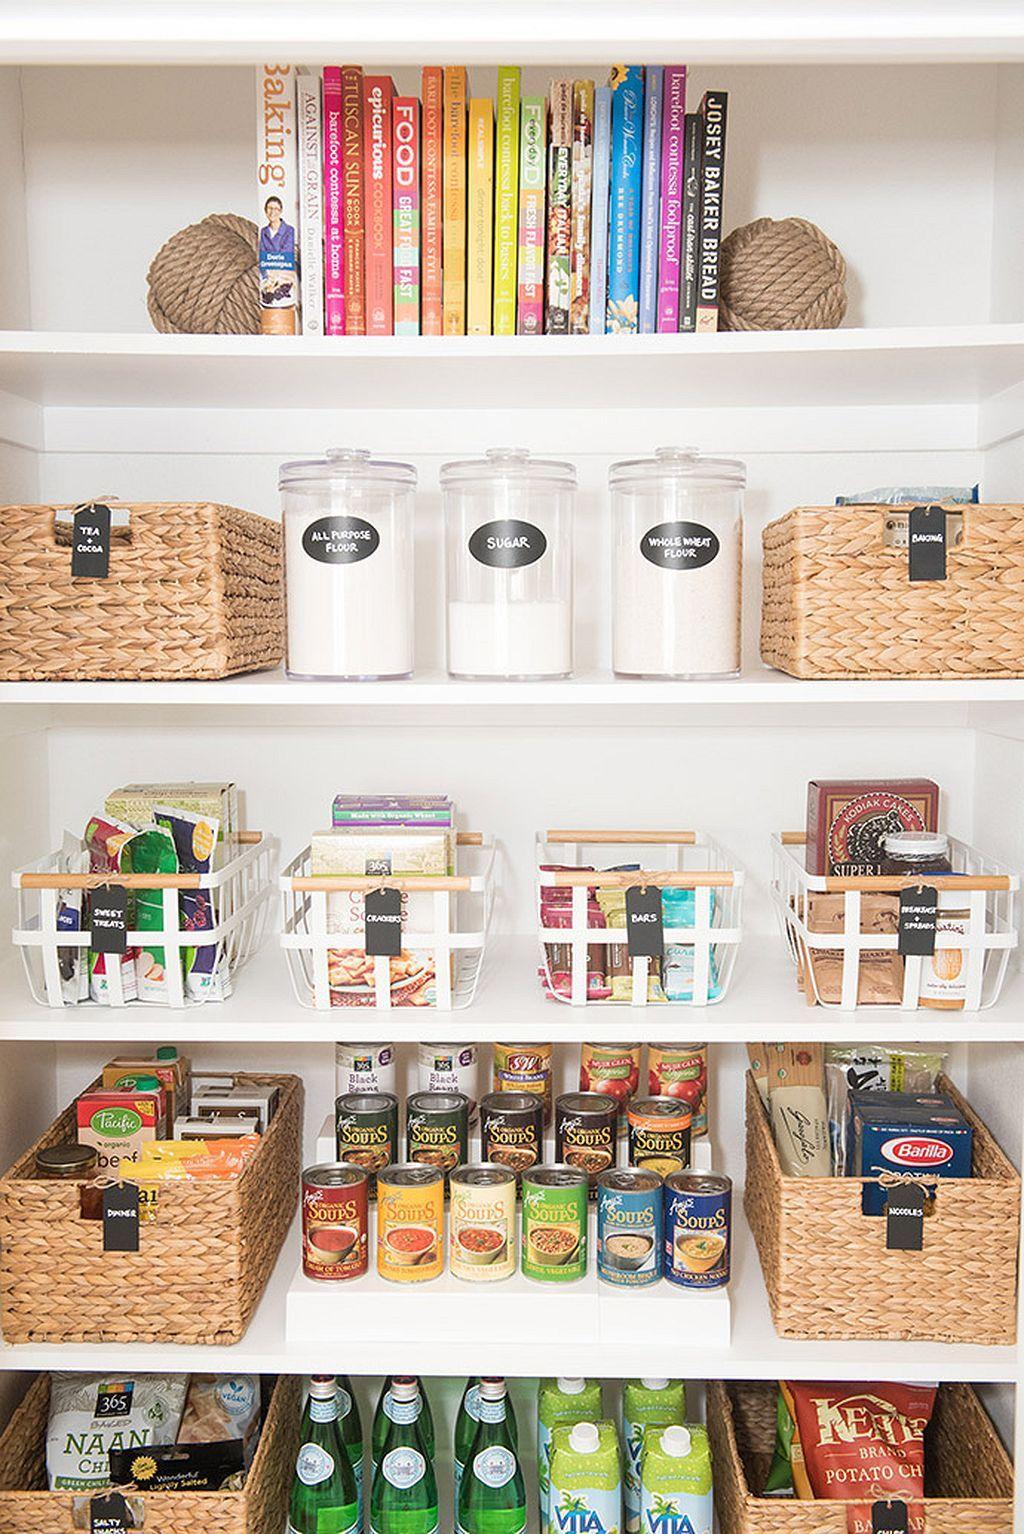 60 Pantry Organization Ideas 20 | Decoración de comedor, Comedores y ...